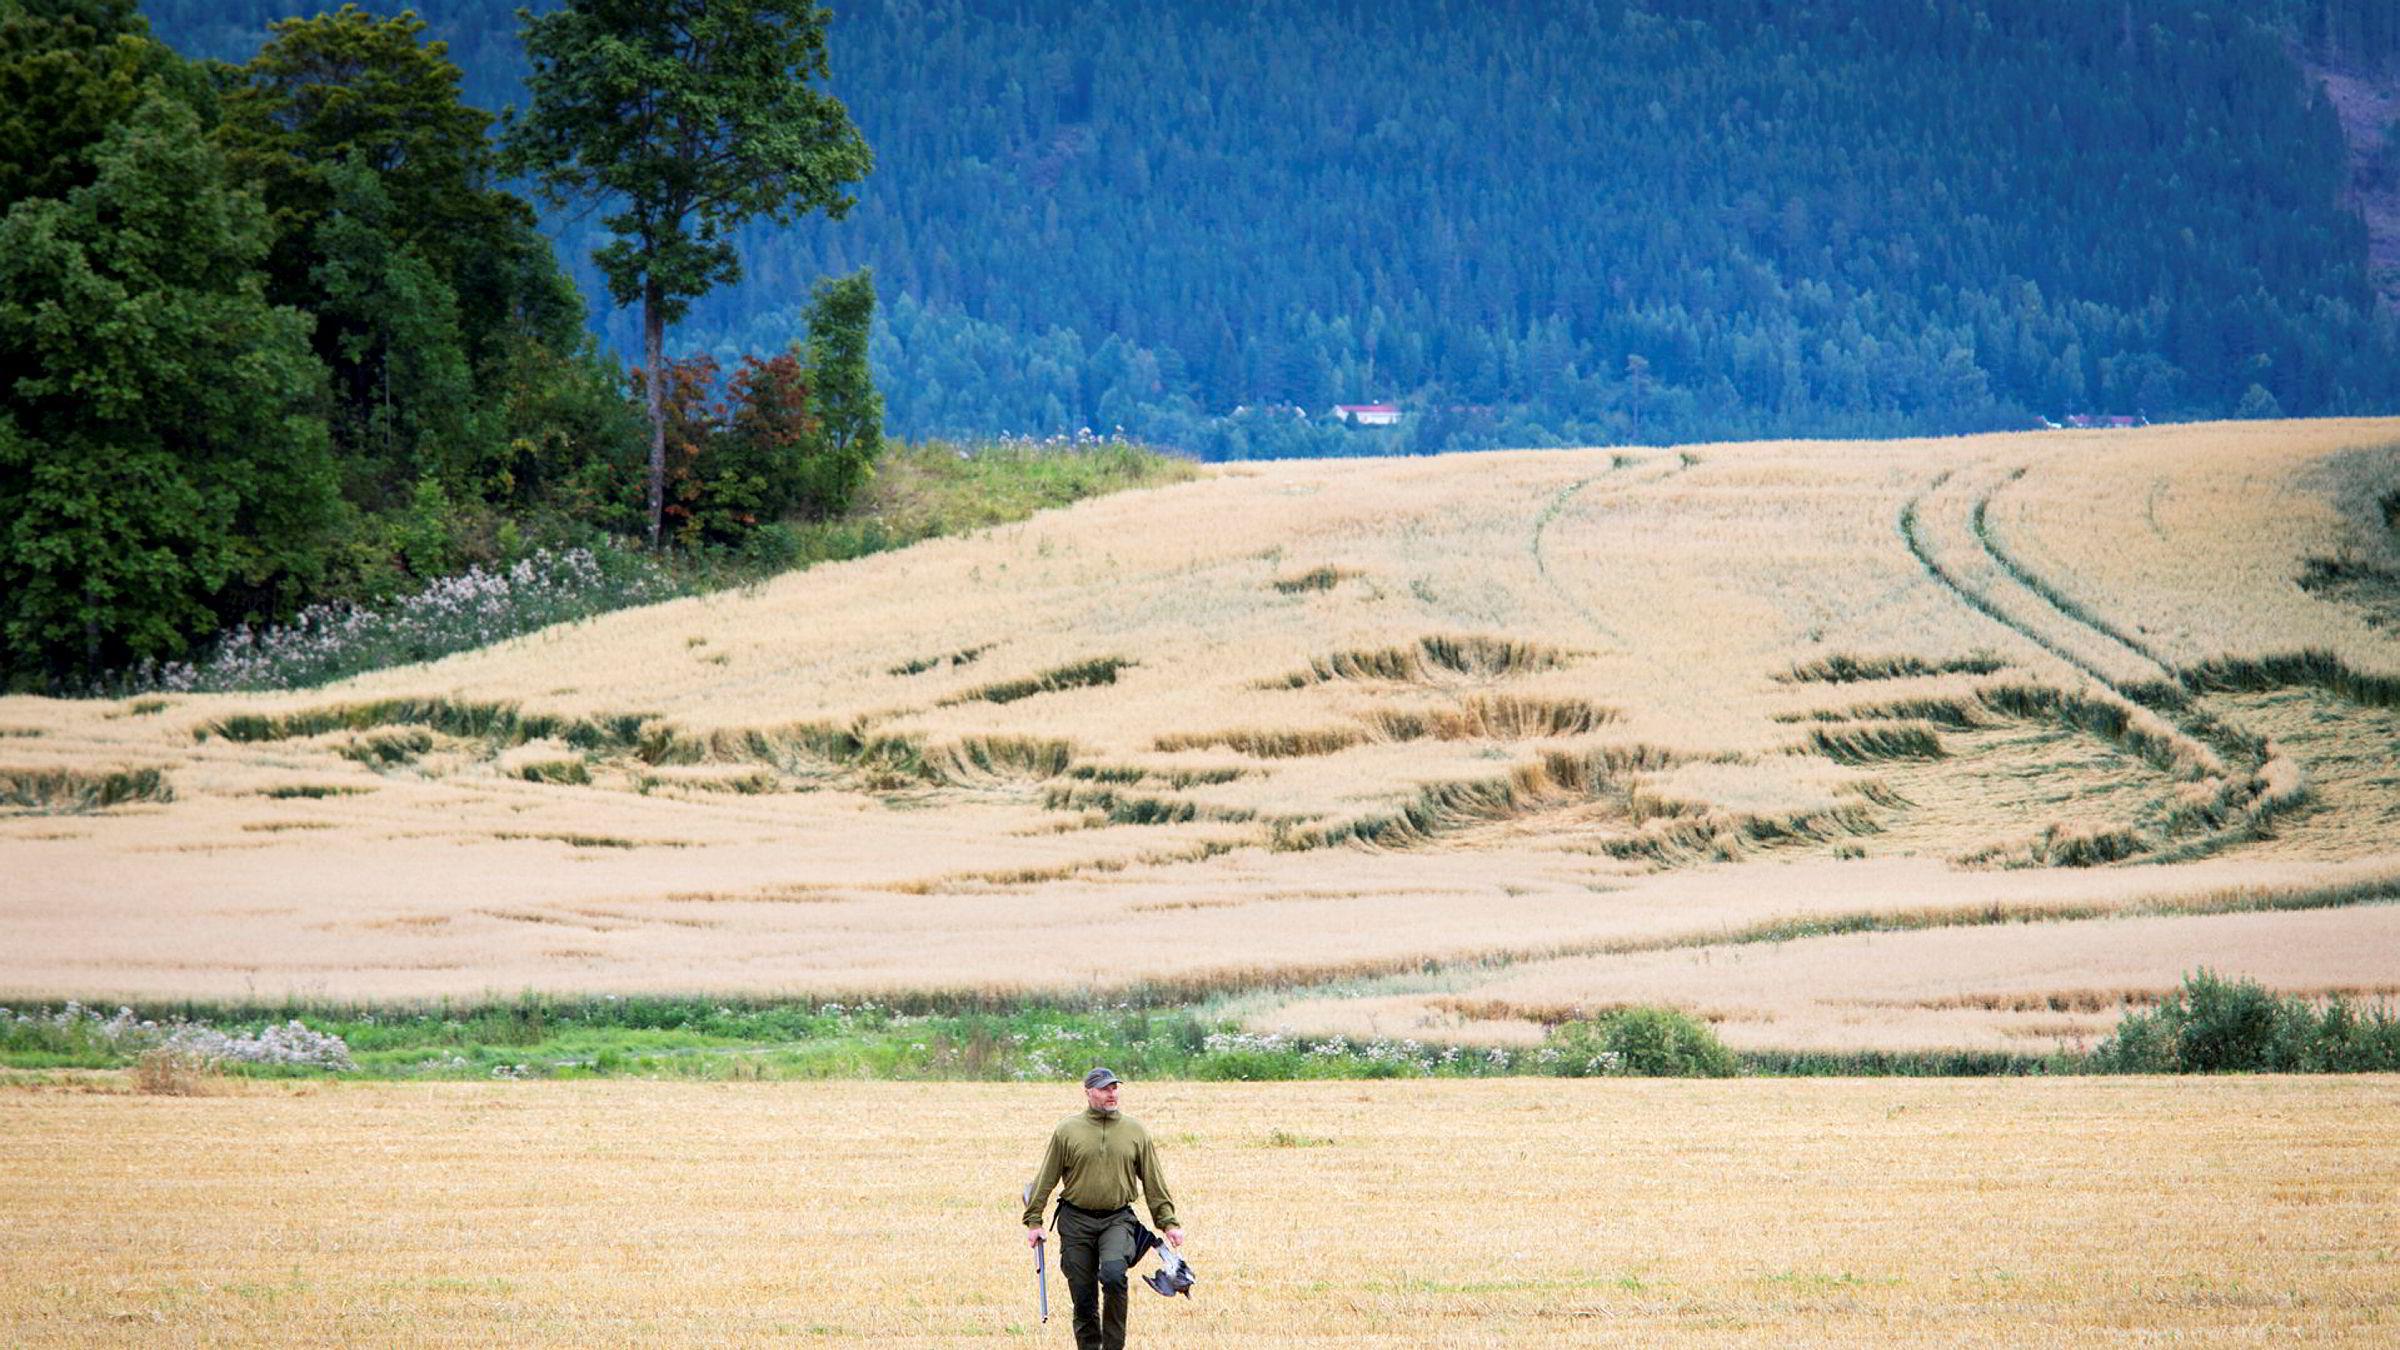 Elling Tryterud henter dagens andre duefangst ute på jordene ved Steinsletta. Når treskingen er i gang er timingen perfekt for duejakt. Duene kan gjøre skade på kornet som ennå ikke er slått og spesielt på «legden», der kornet har lagt seg i bakgrunnen.